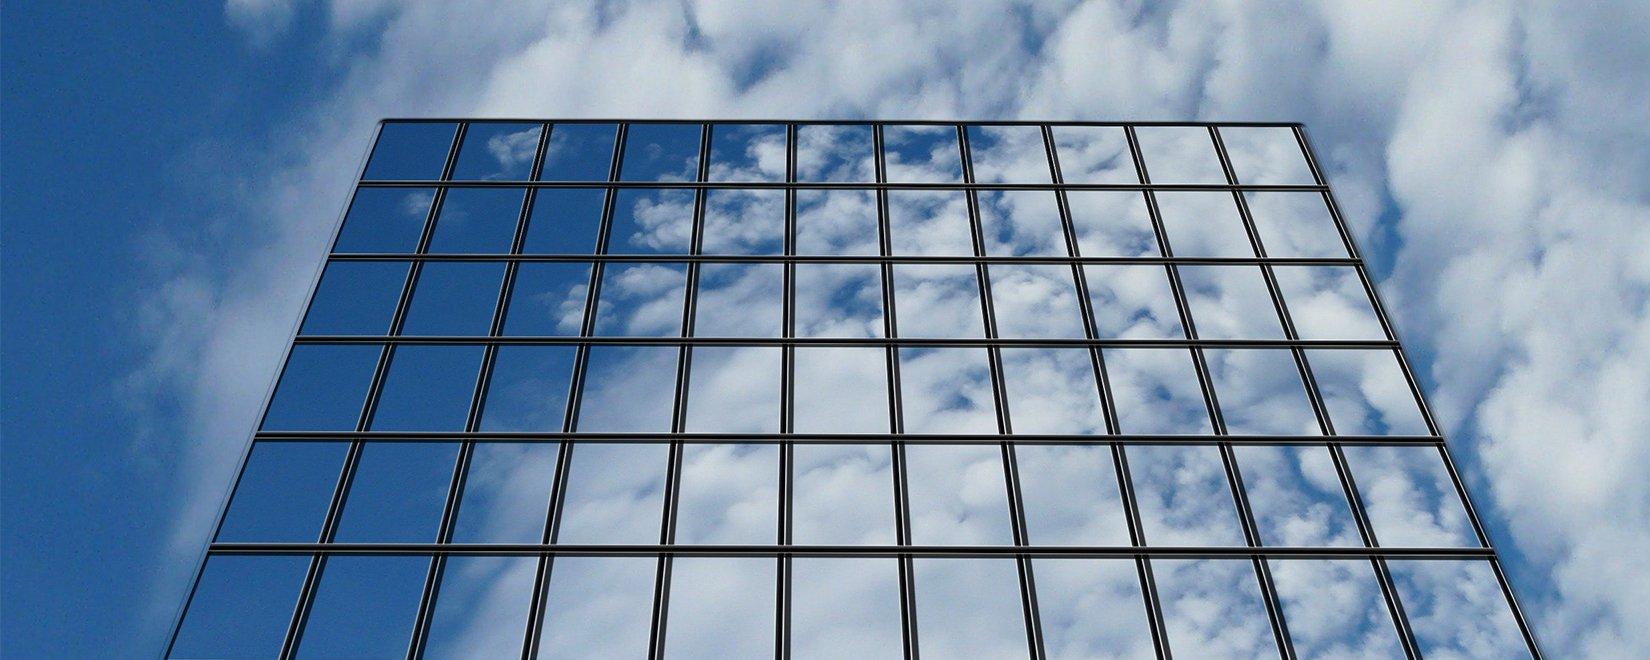 cloud-on-premises